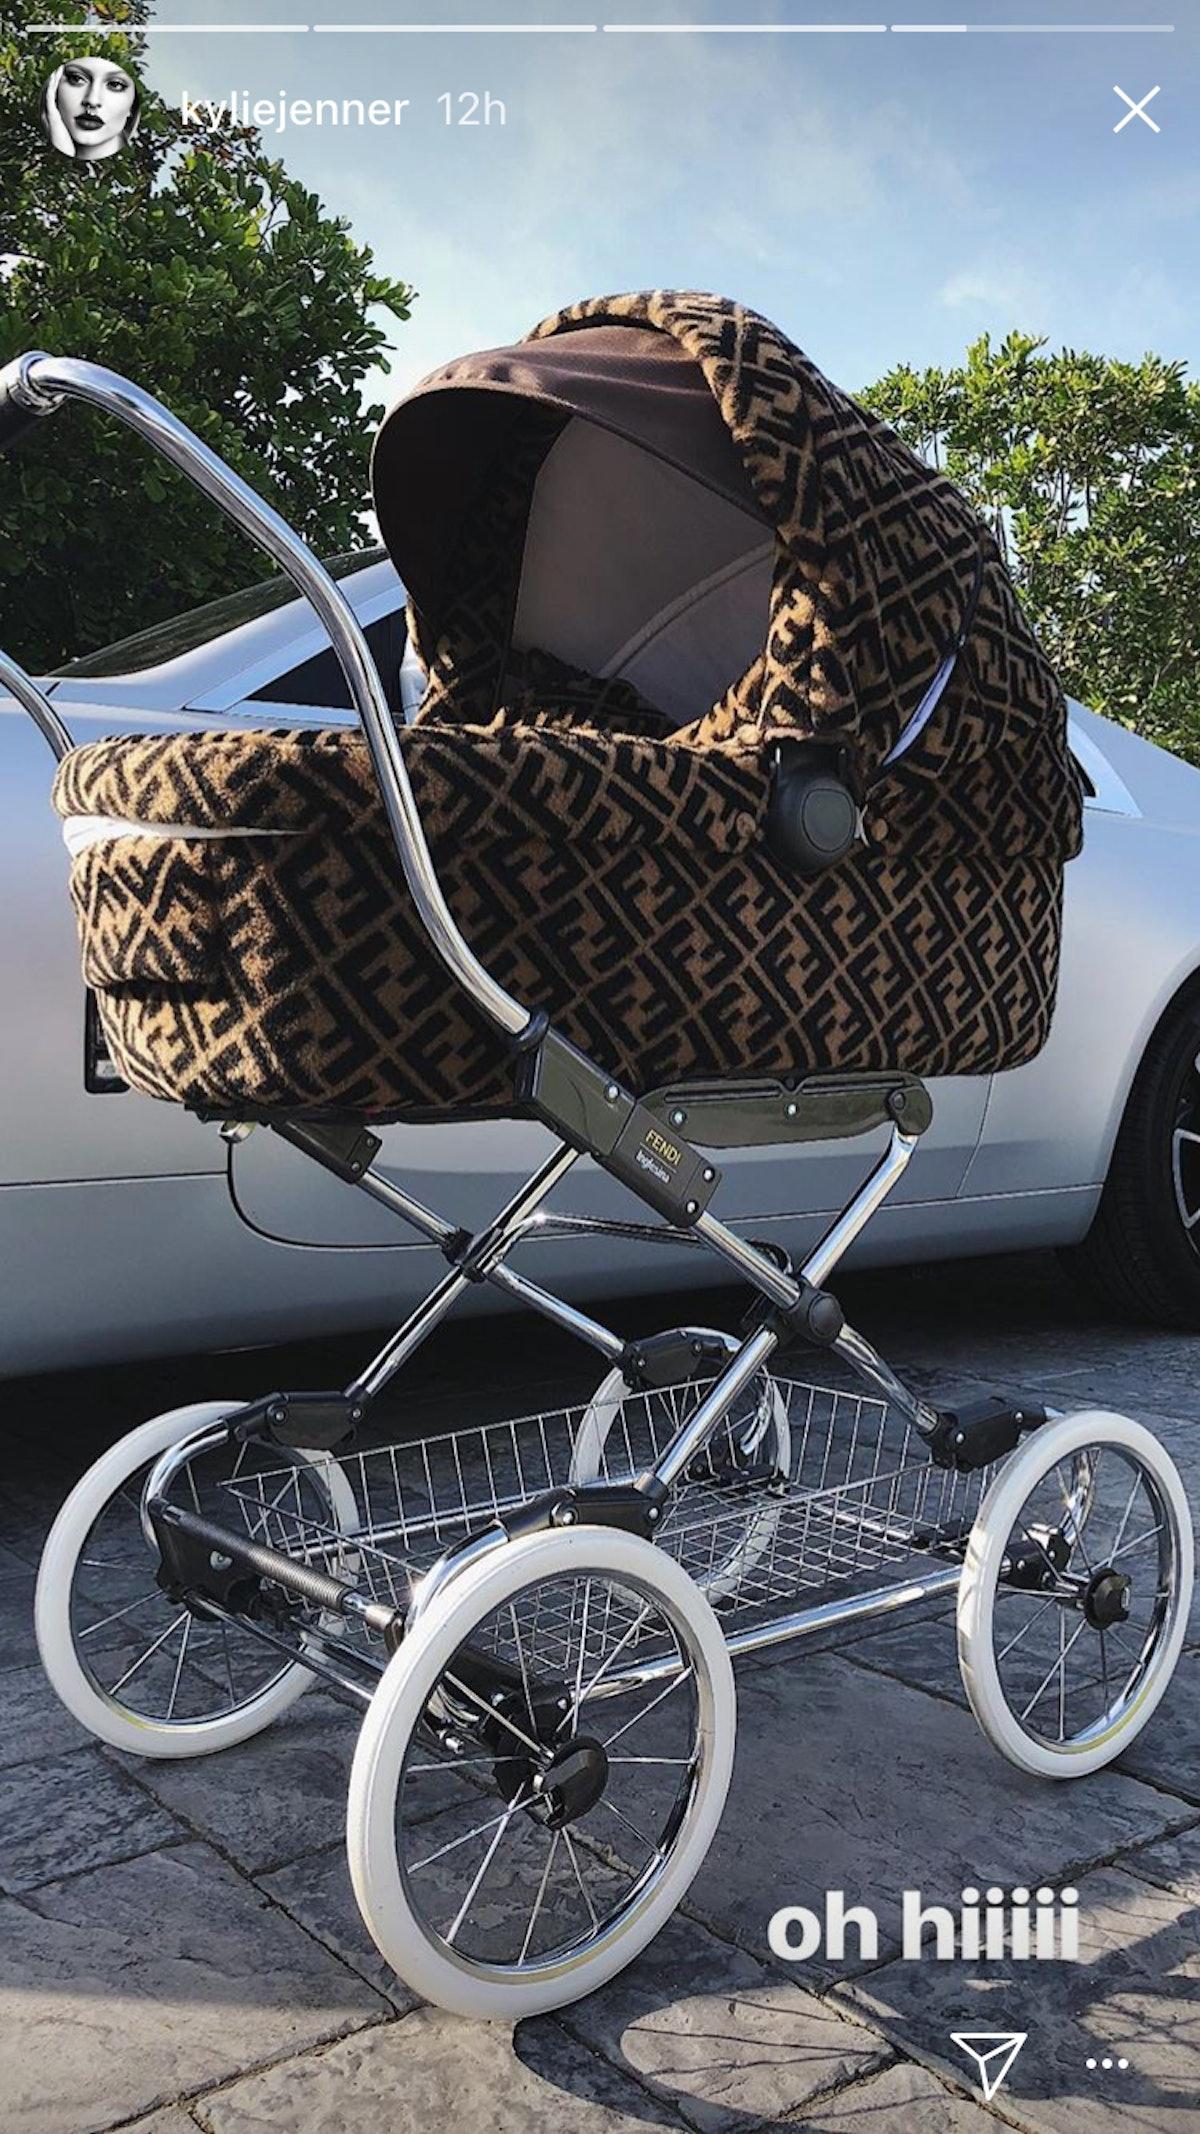 kylie-jenner-fendi-stroller-insta.png